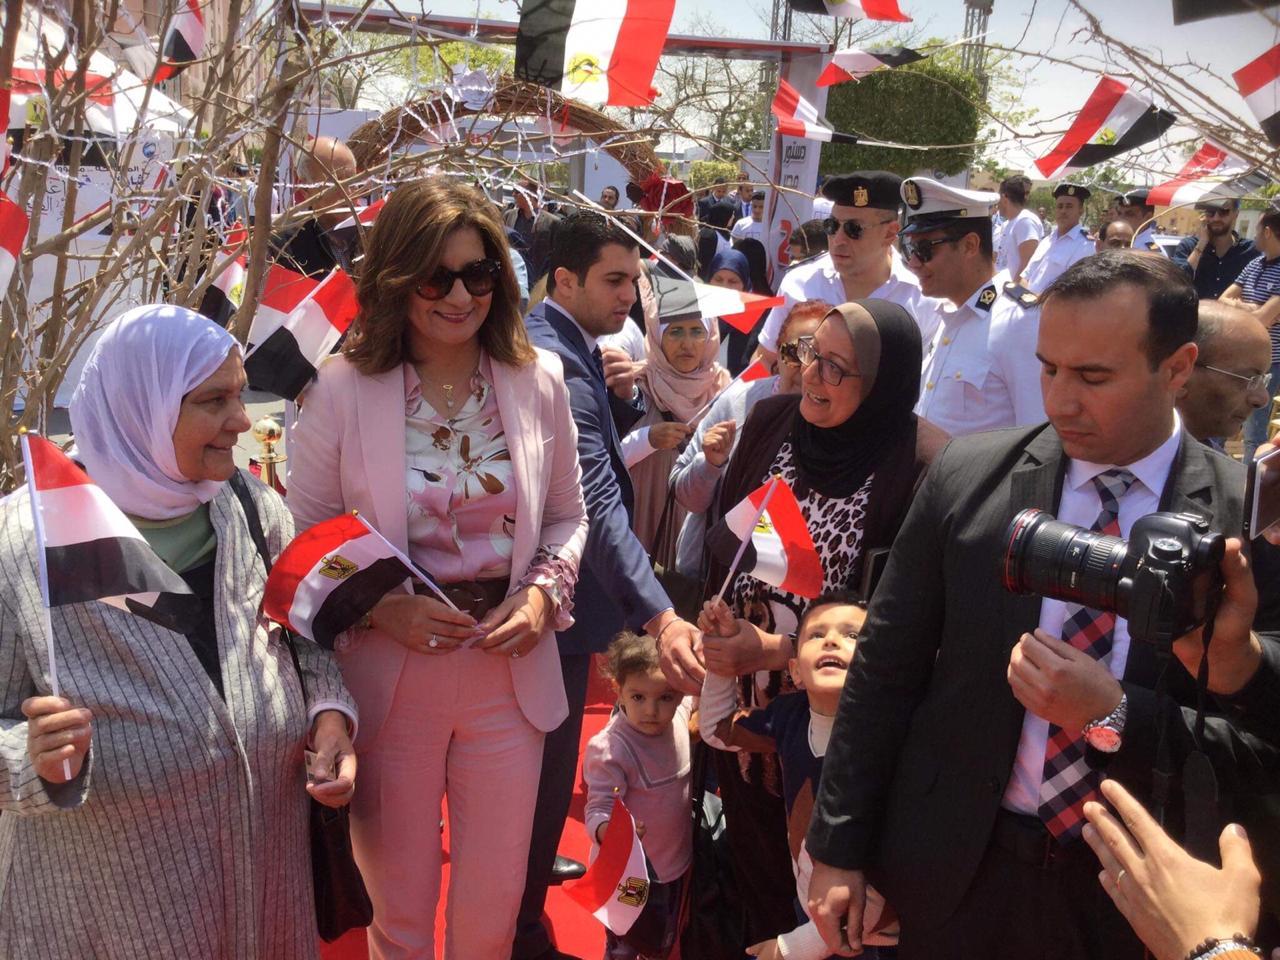 وزيرة الهجرة عقب التصويت فى الاستفتاء على تعديل الدستور